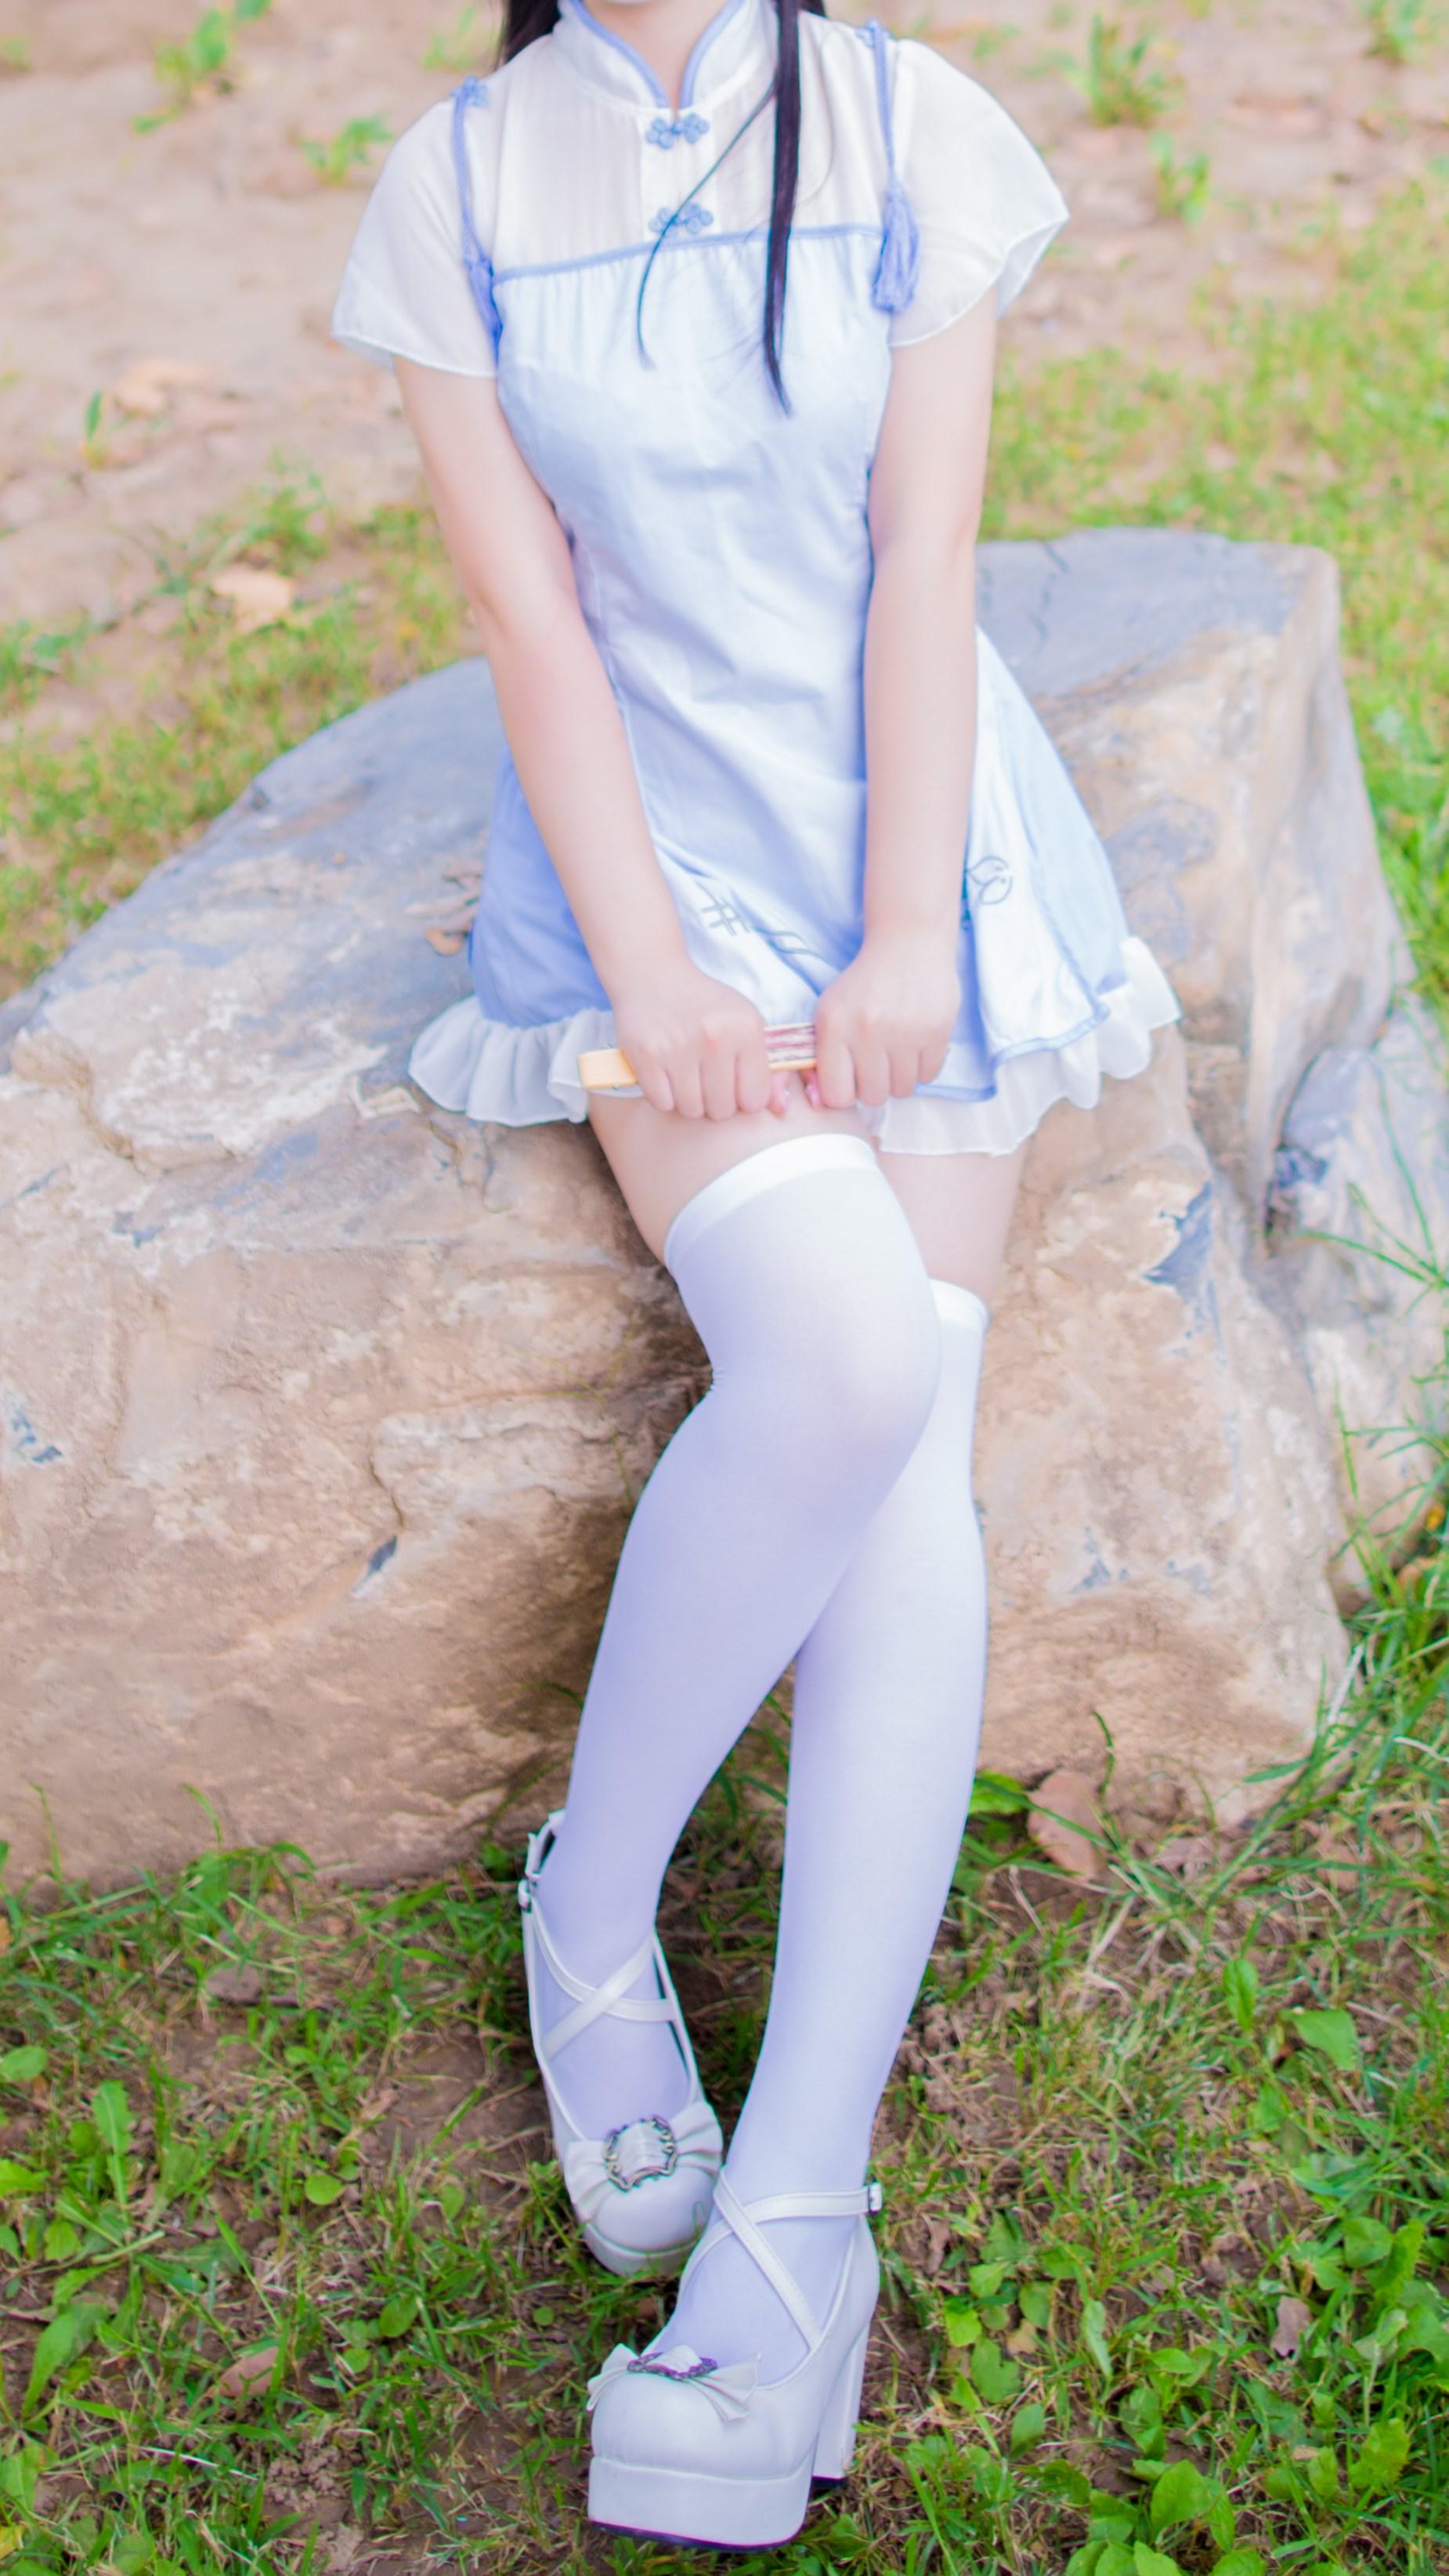 【兔玩映画】白丝旗袍 兔玩映画 第5张